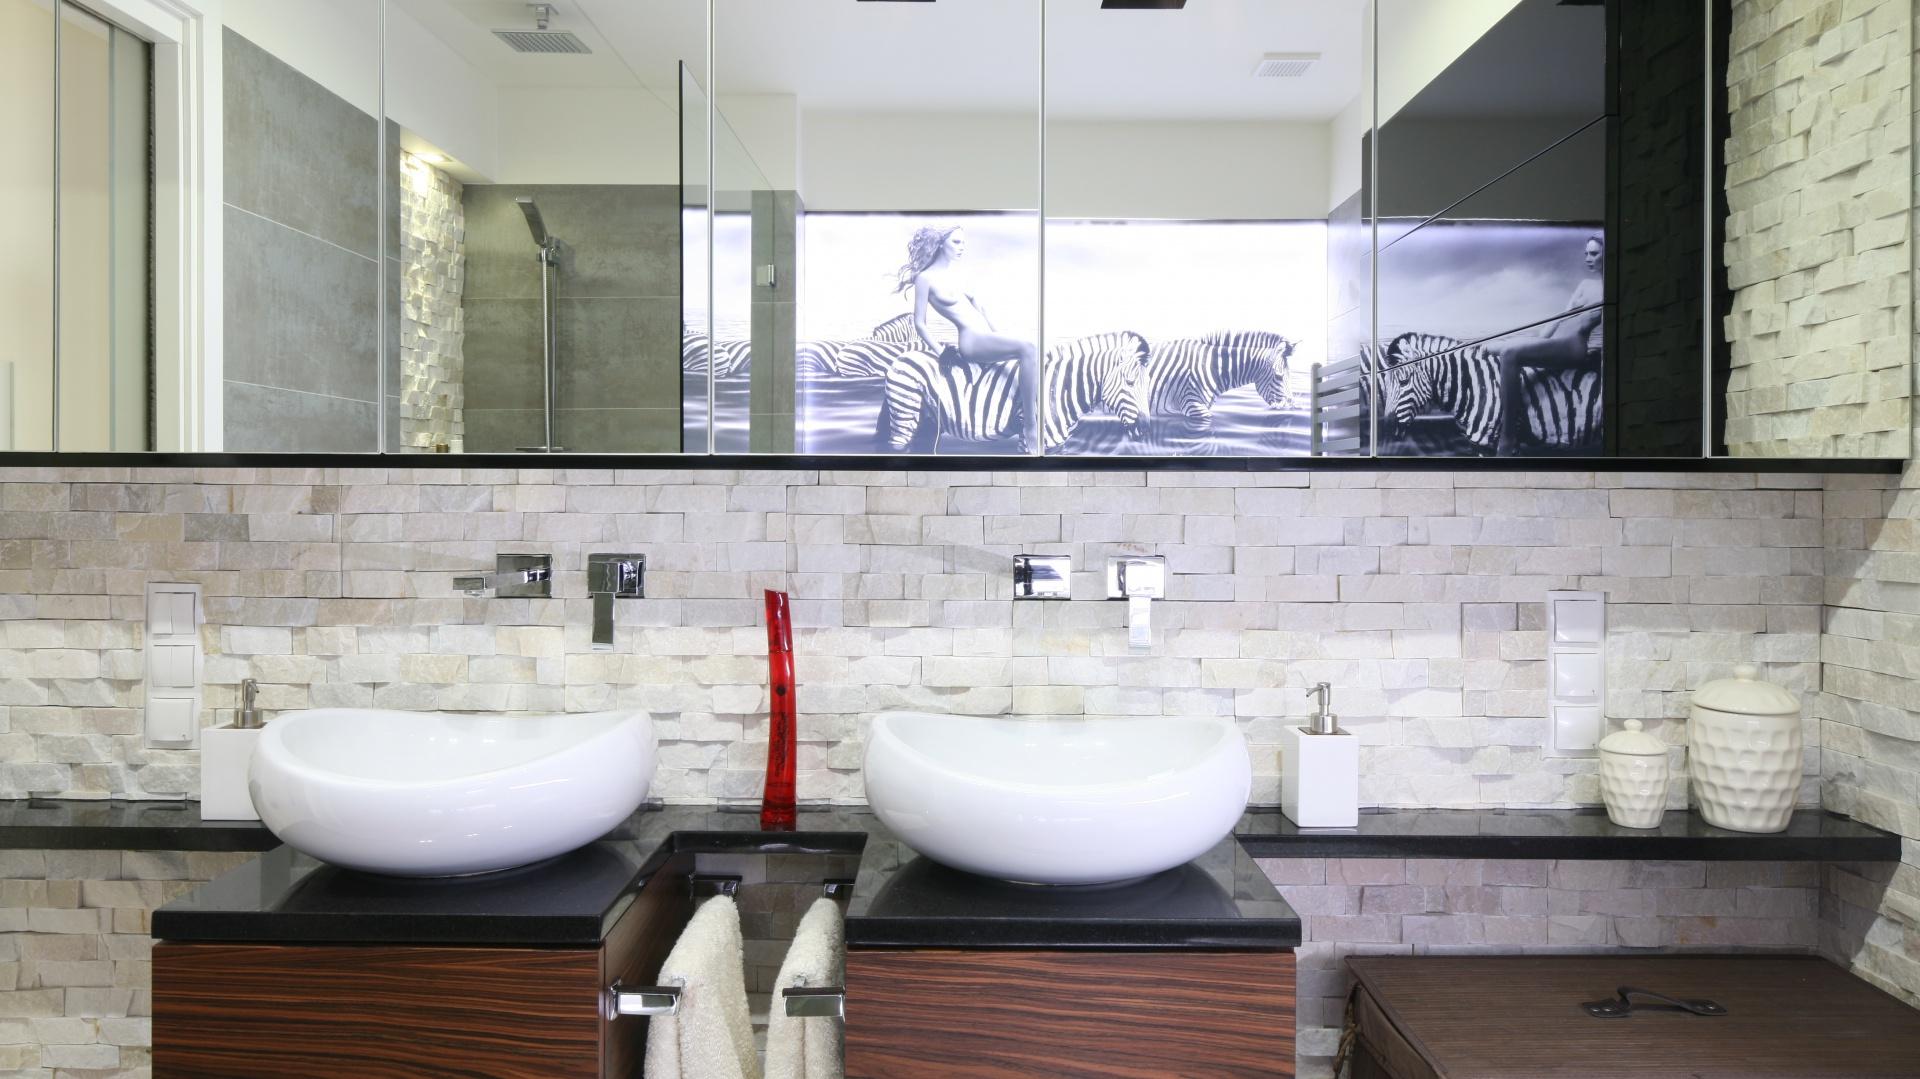 Umywalki o pięknych, zaokrąglonych kształtach zestawiono z prostokątną formą szafek. Przyjemny kontrast wprowadza do wnętrza zastosowana kolorystyka. Projekt: Małgorzata Mazur. Fot. Bartosz Jarosz.